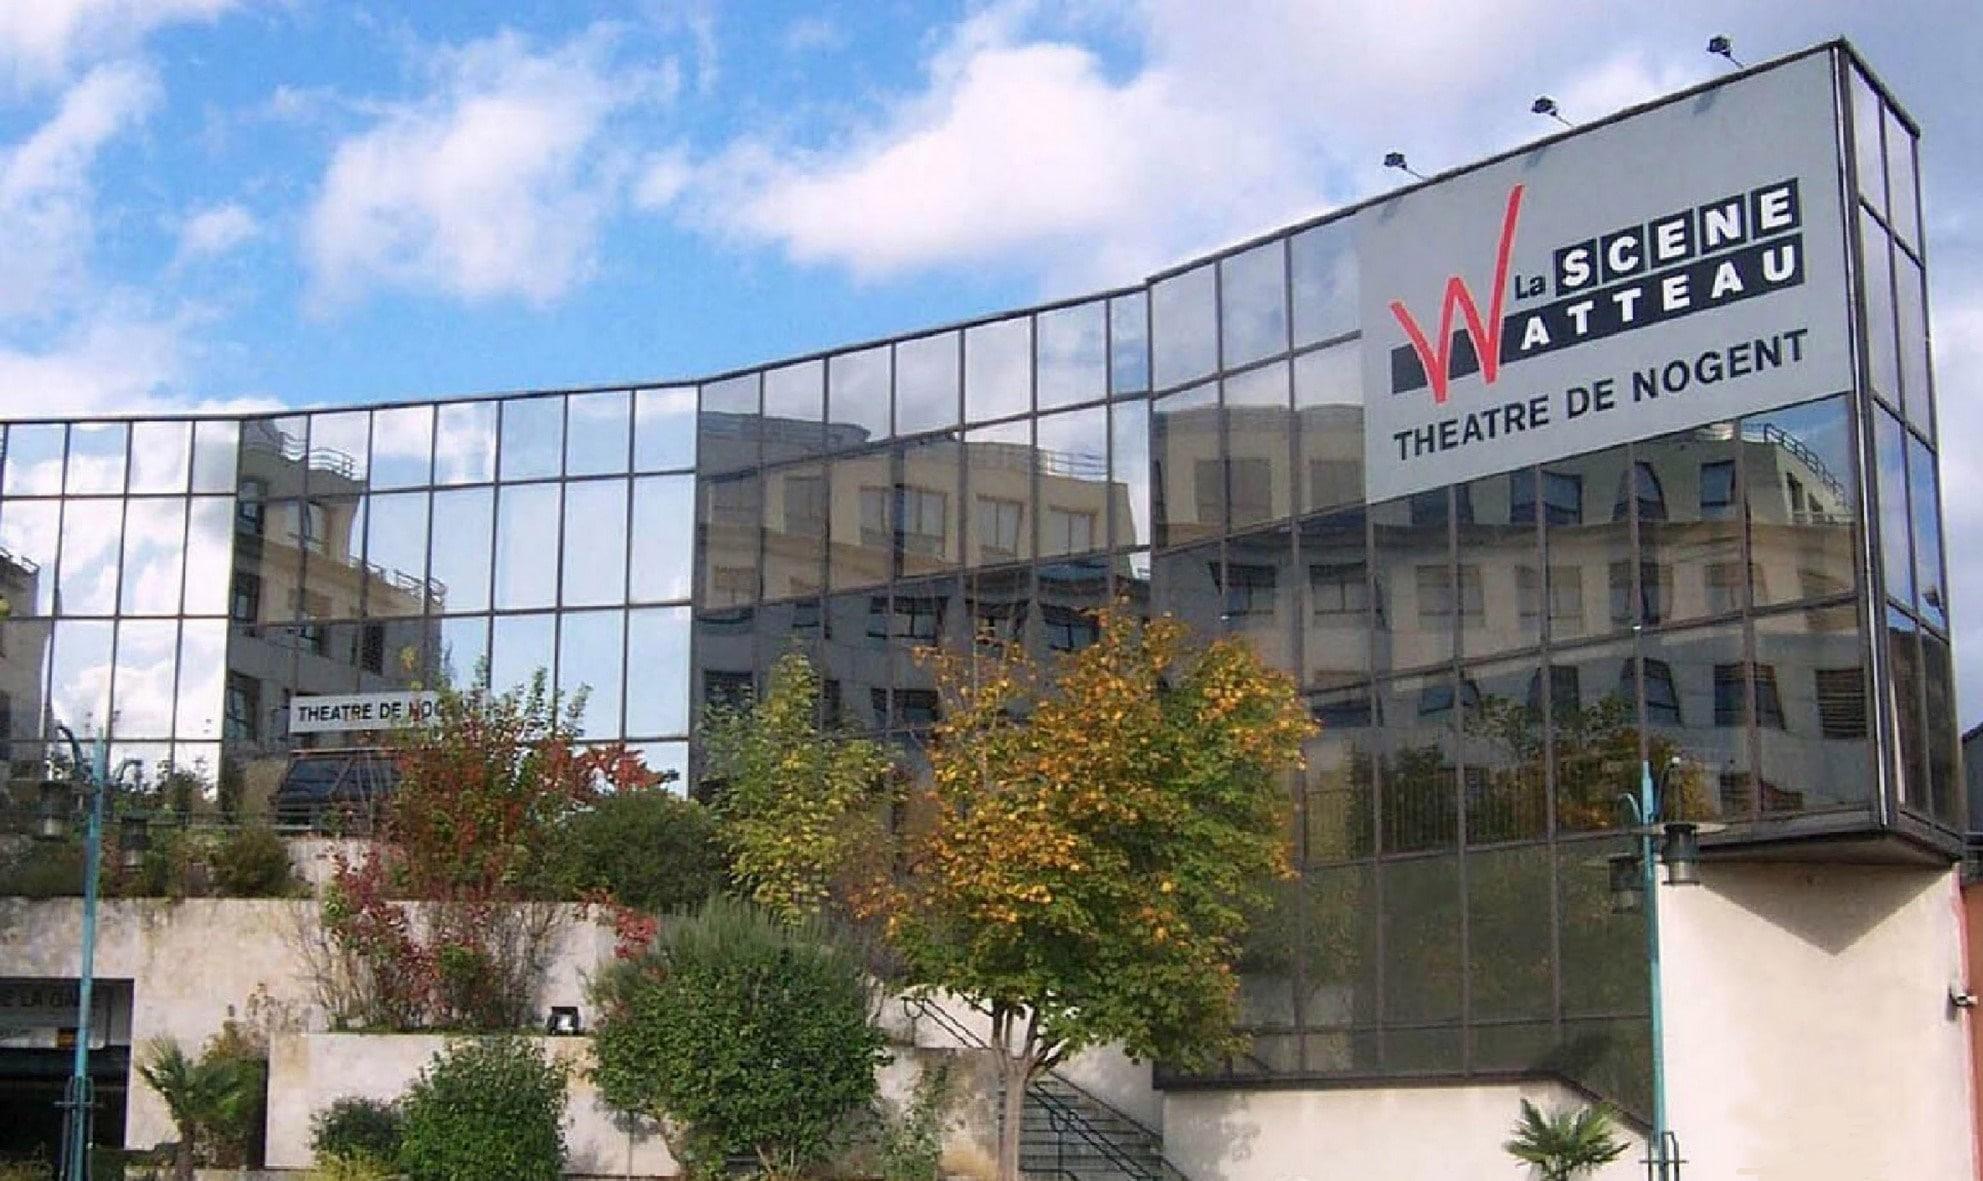 Scene-watteau-5